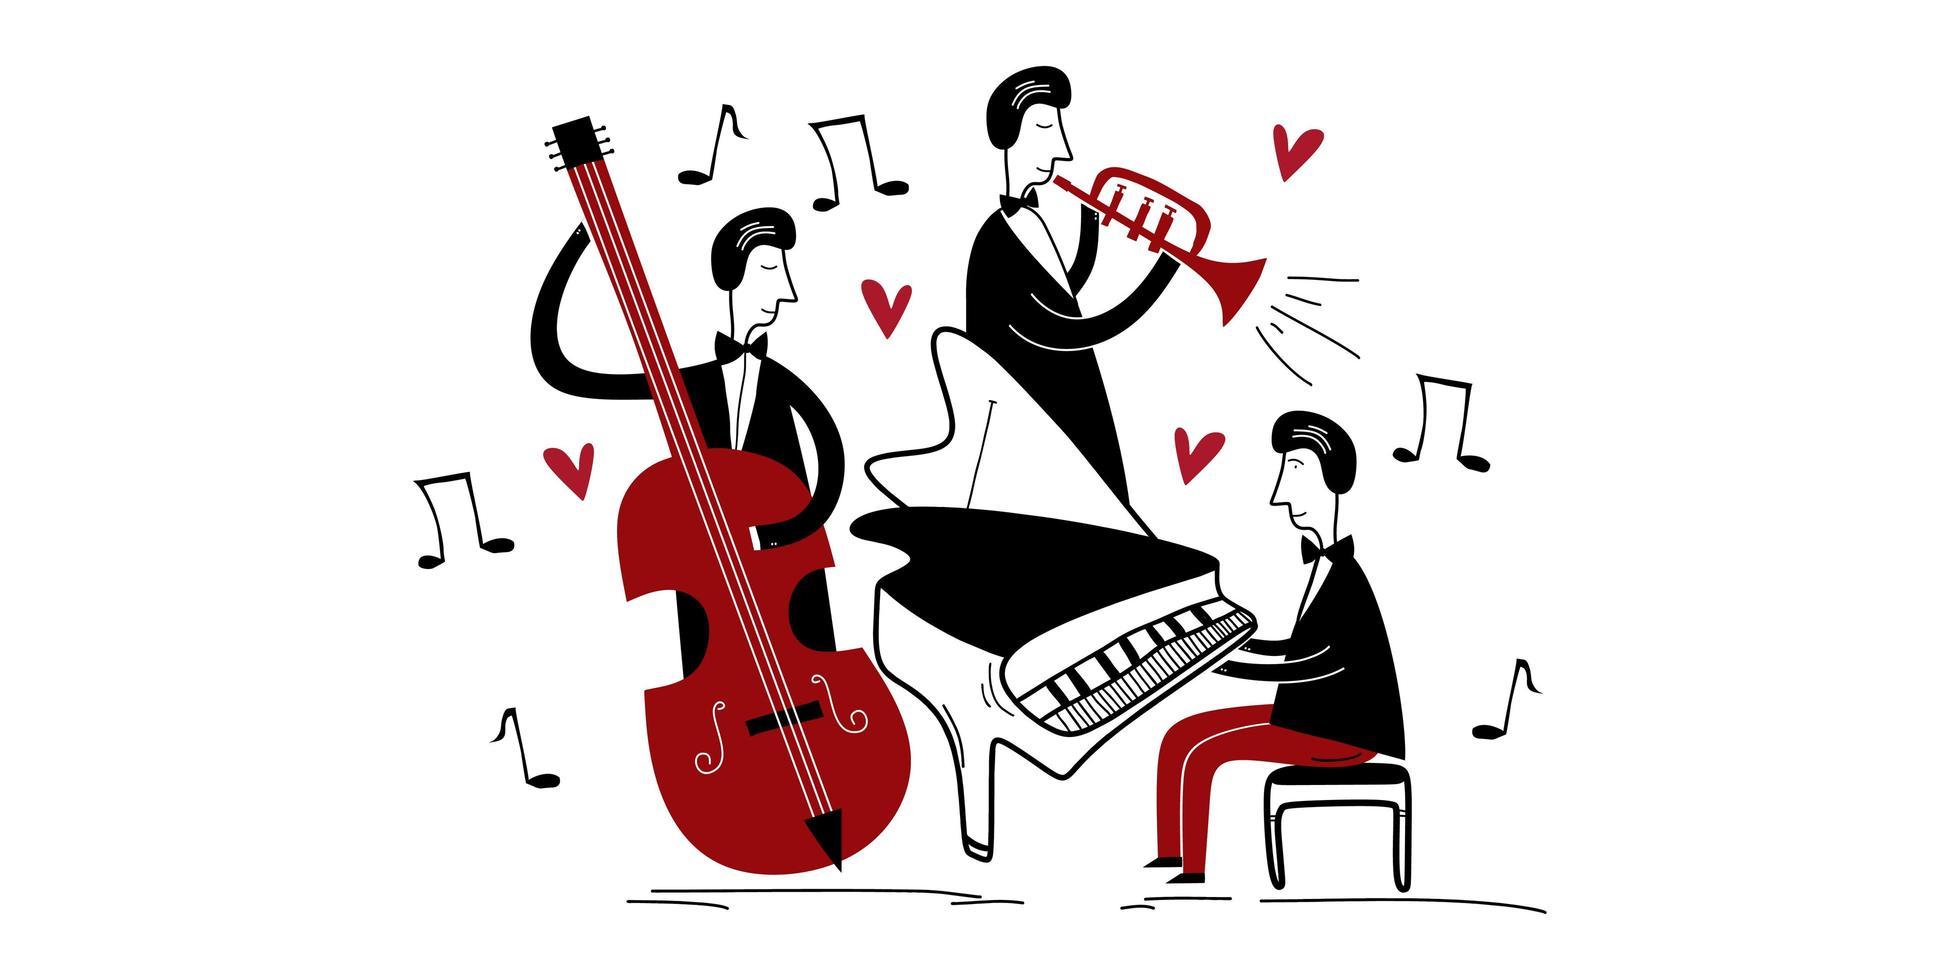 festival de musique jazz band. trois joueurs de jazz jouant de la musique de groupe dans un vecteur plat isolé de concert. pianiste jouant du piano, de la trompette et du violoncelle. style de dessin animé créatif.